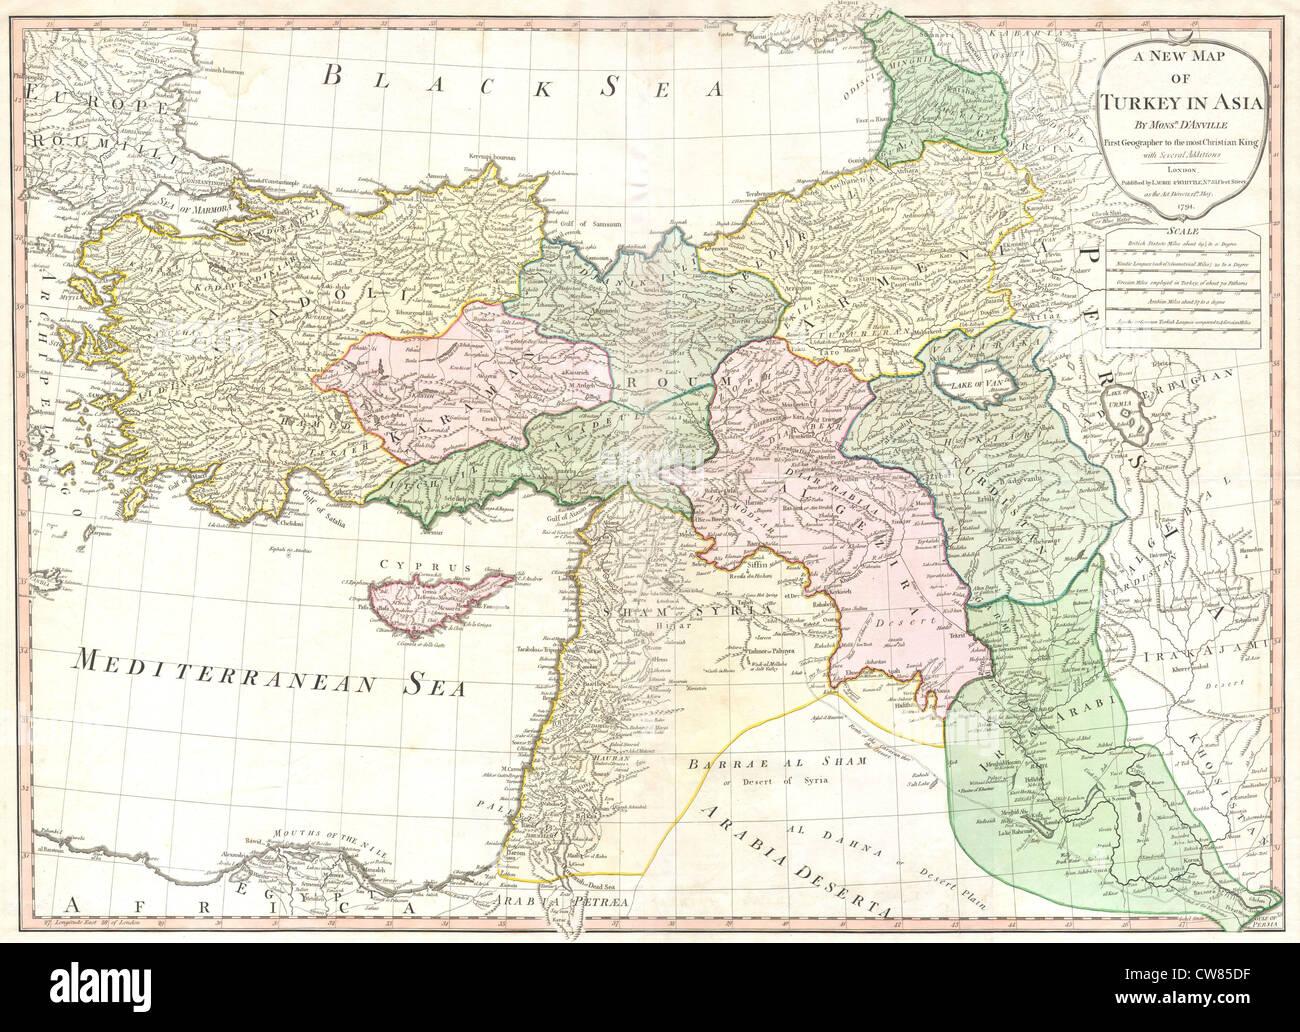 Shingal Irak Karte.Irak Türkei Stockfotos Irak Türkei Bilder Alamy